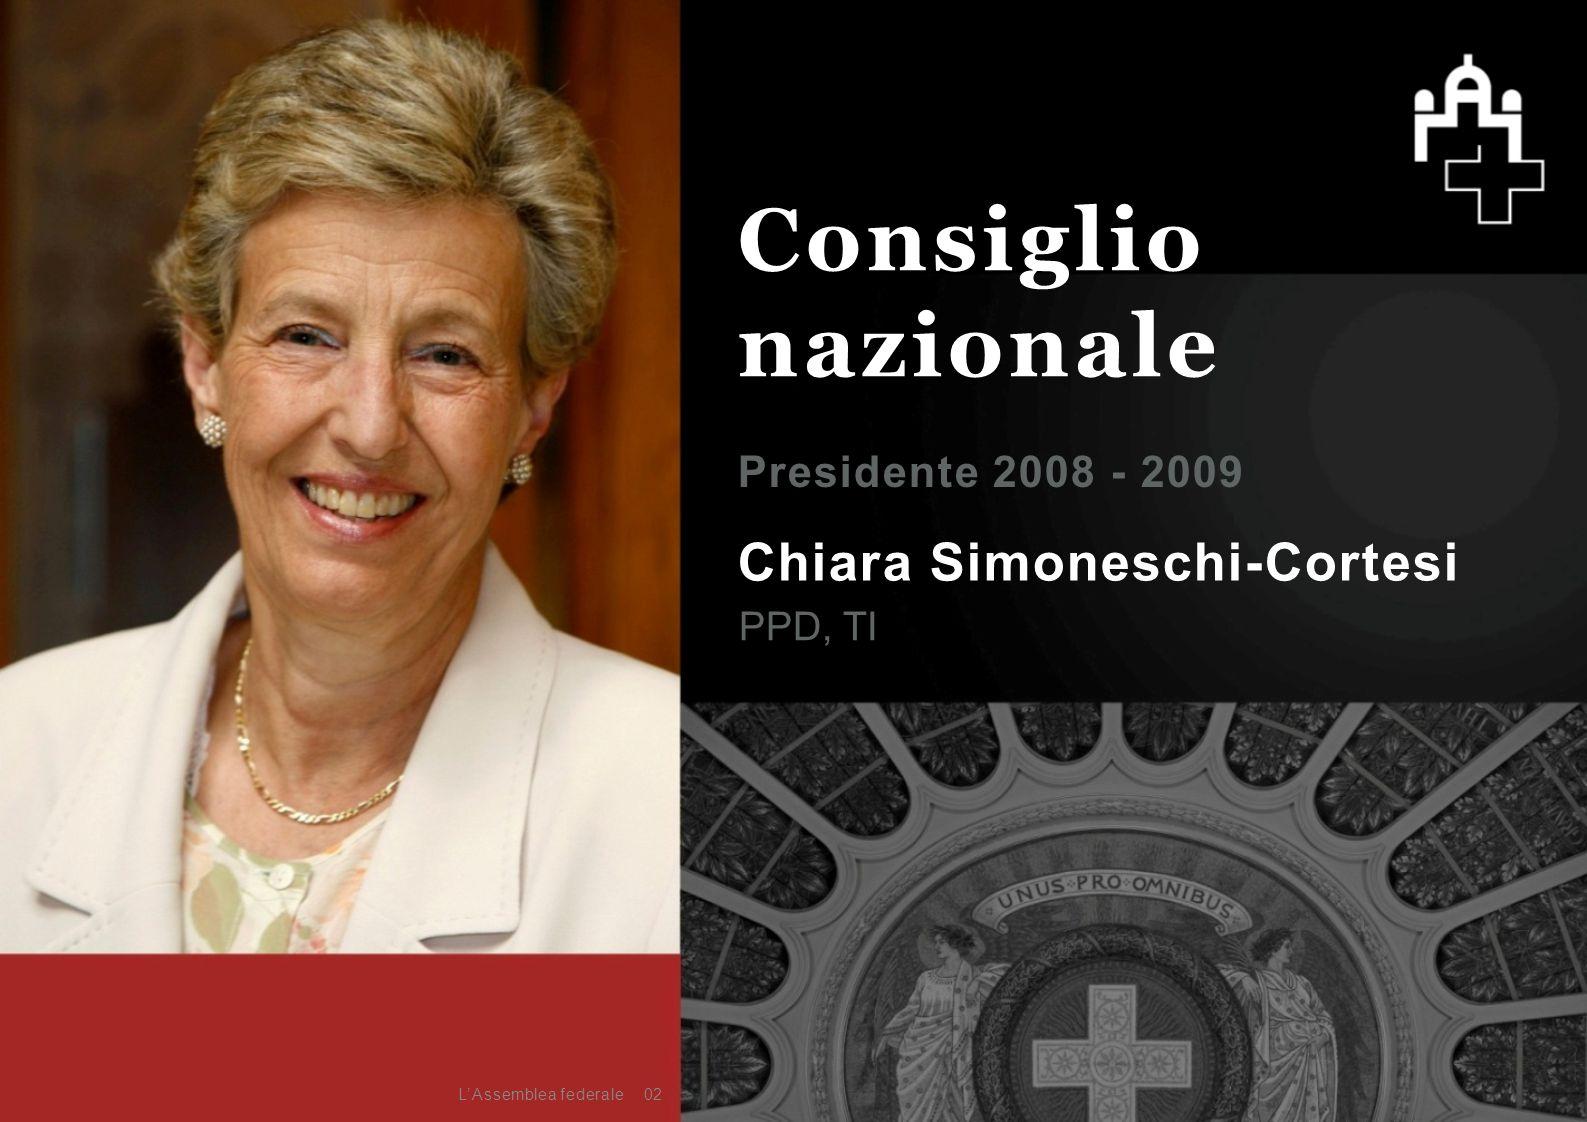 Chiara Simoneschi-Cortesi PPD, TI Presidente 2008 - 2009 02 Consiglio nazionale L'Assemblea federale